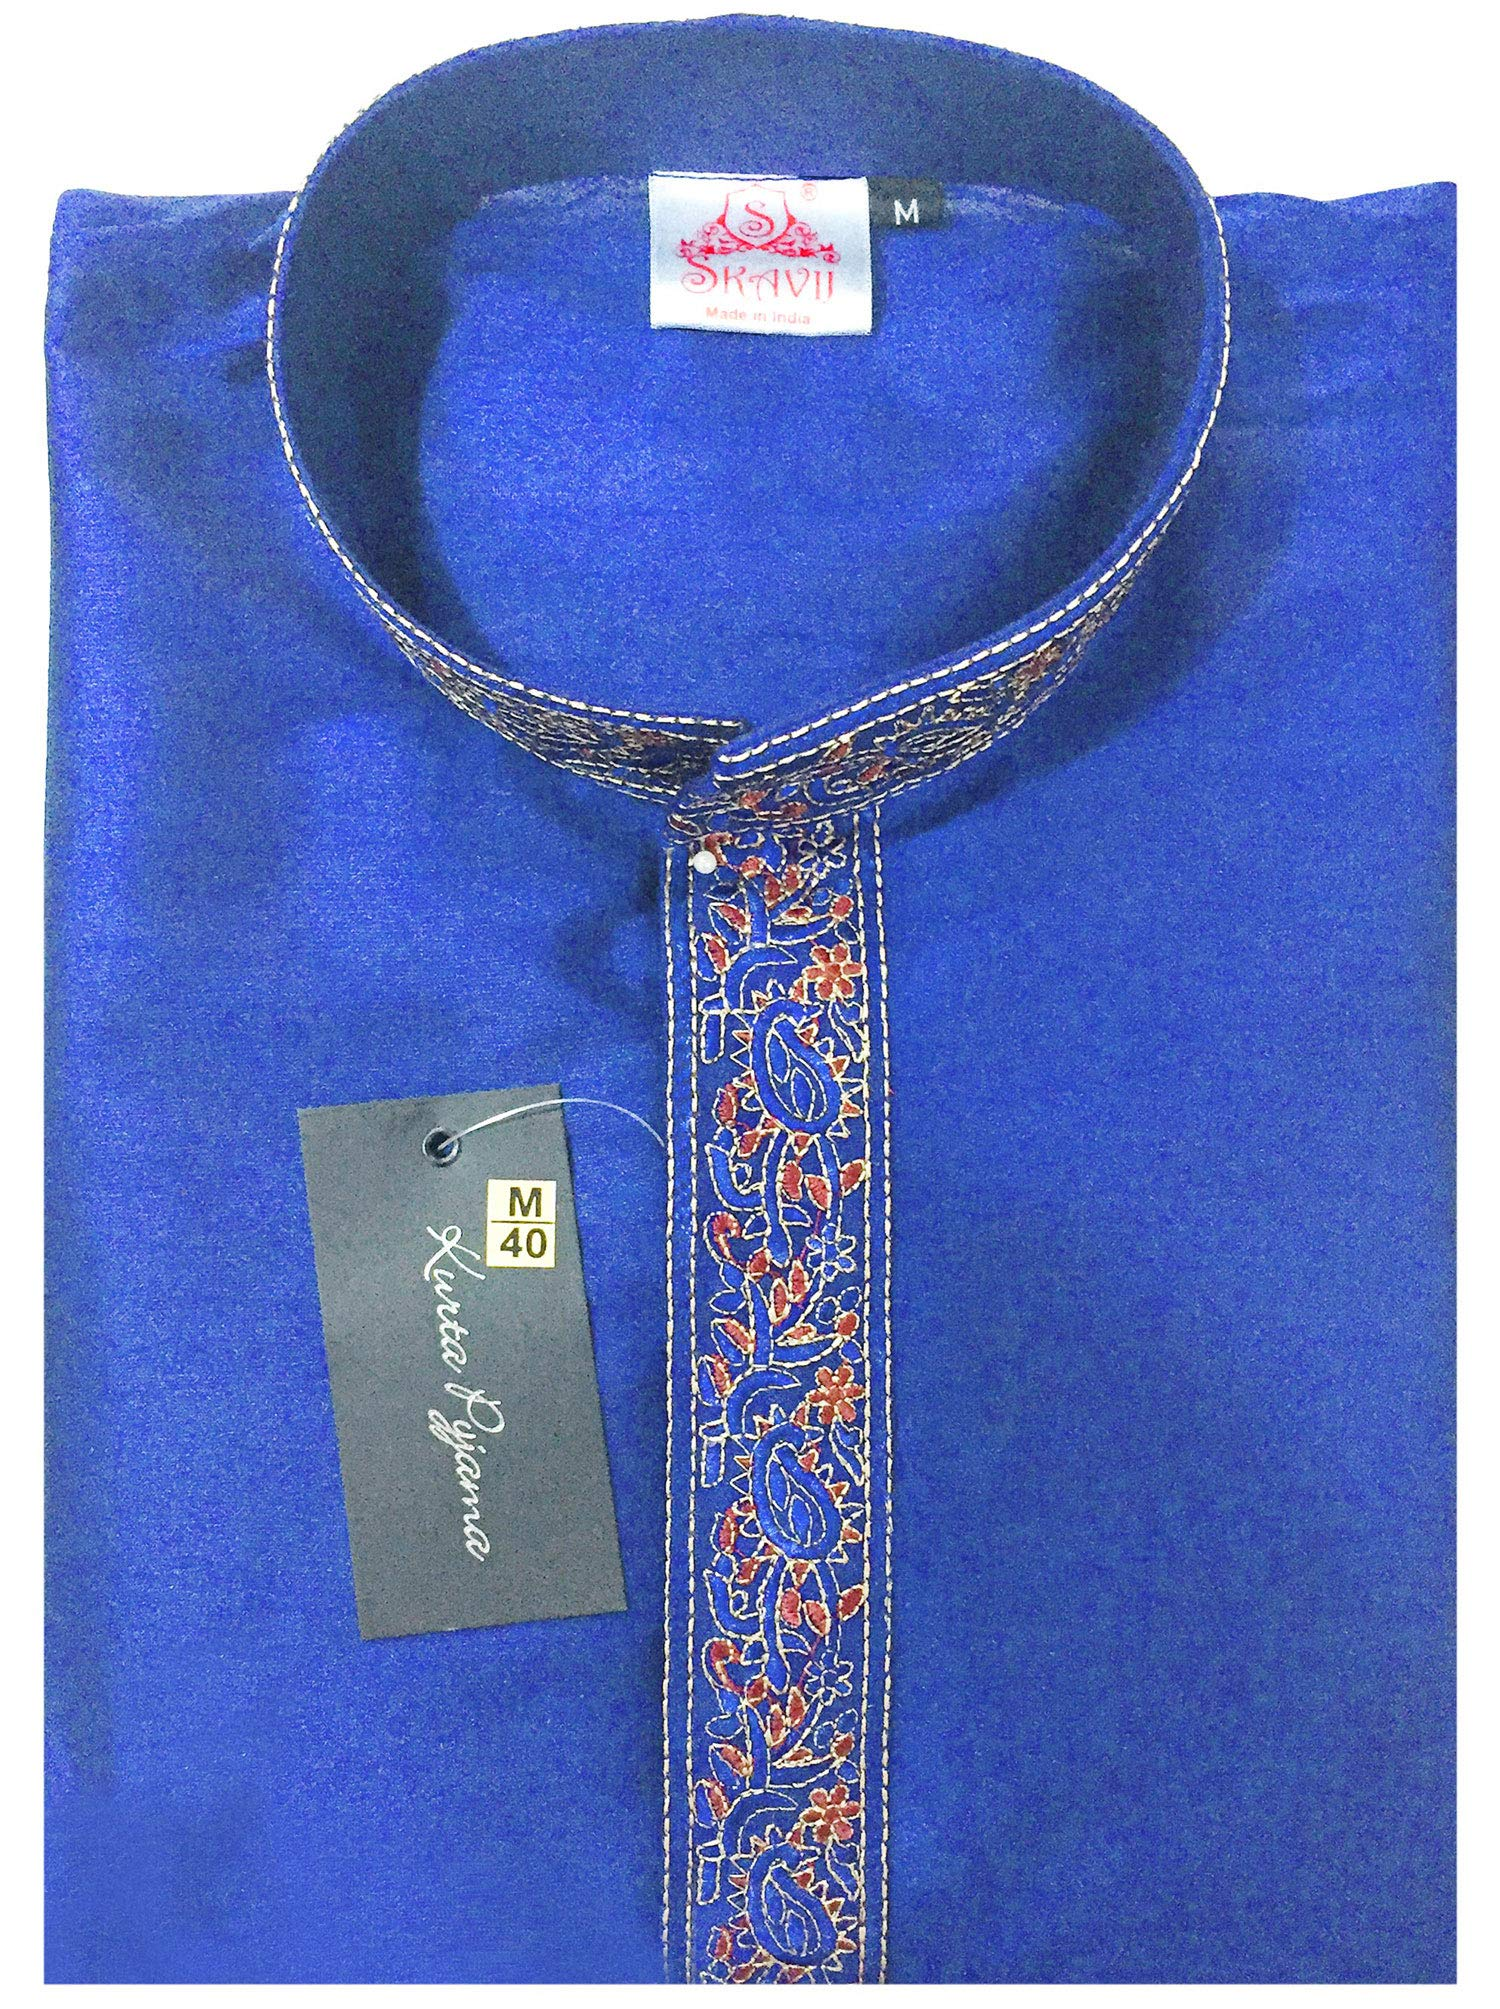 Indian Long Sleeve Kurta Pajama Dress Men Salwar Kameez Party and Wedding Wear -XL by SKAVIJ (Image #6)